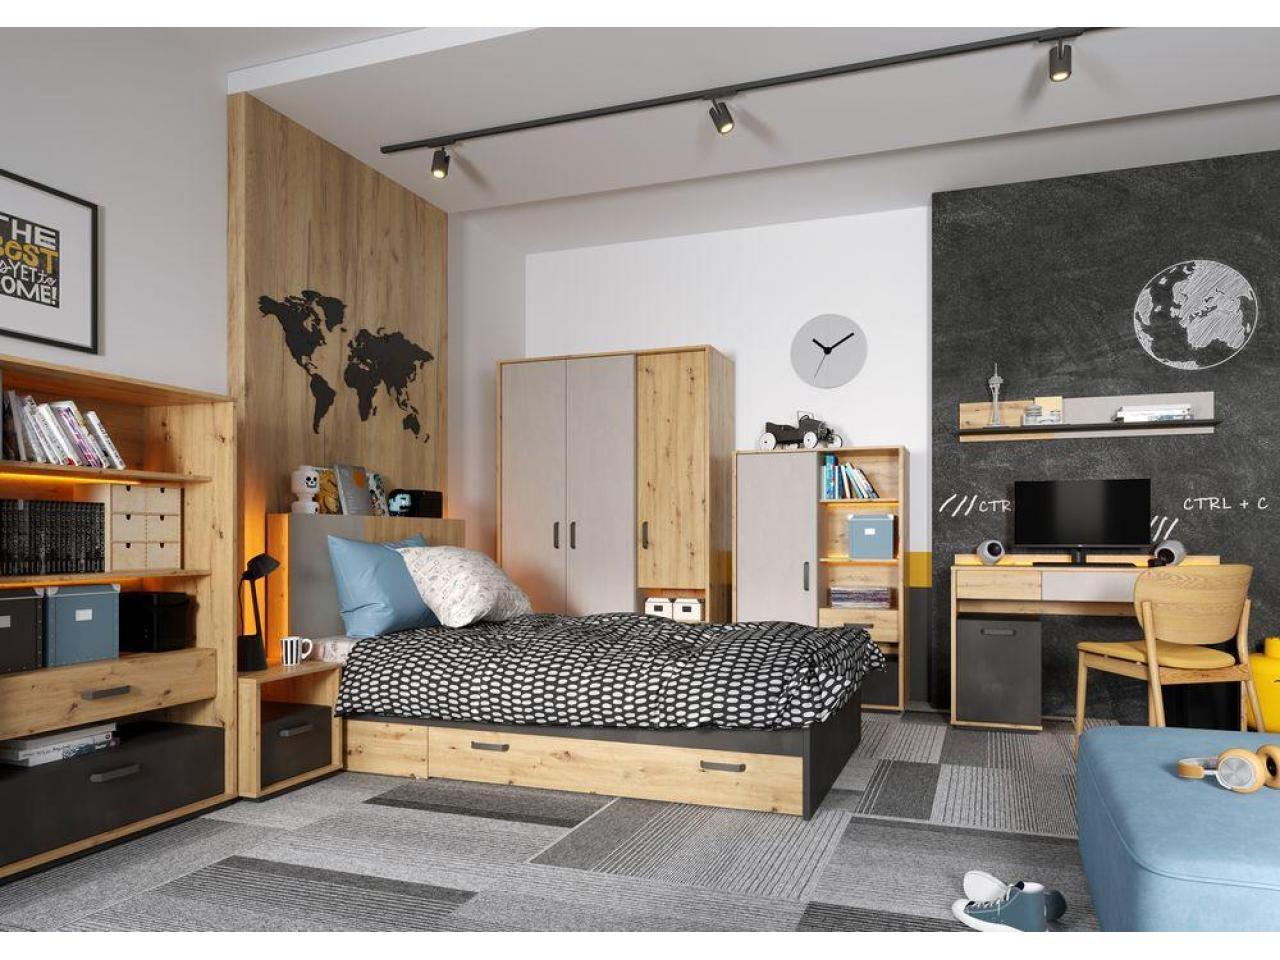 Furnipol - Польская мебель по доступным ценам - 8